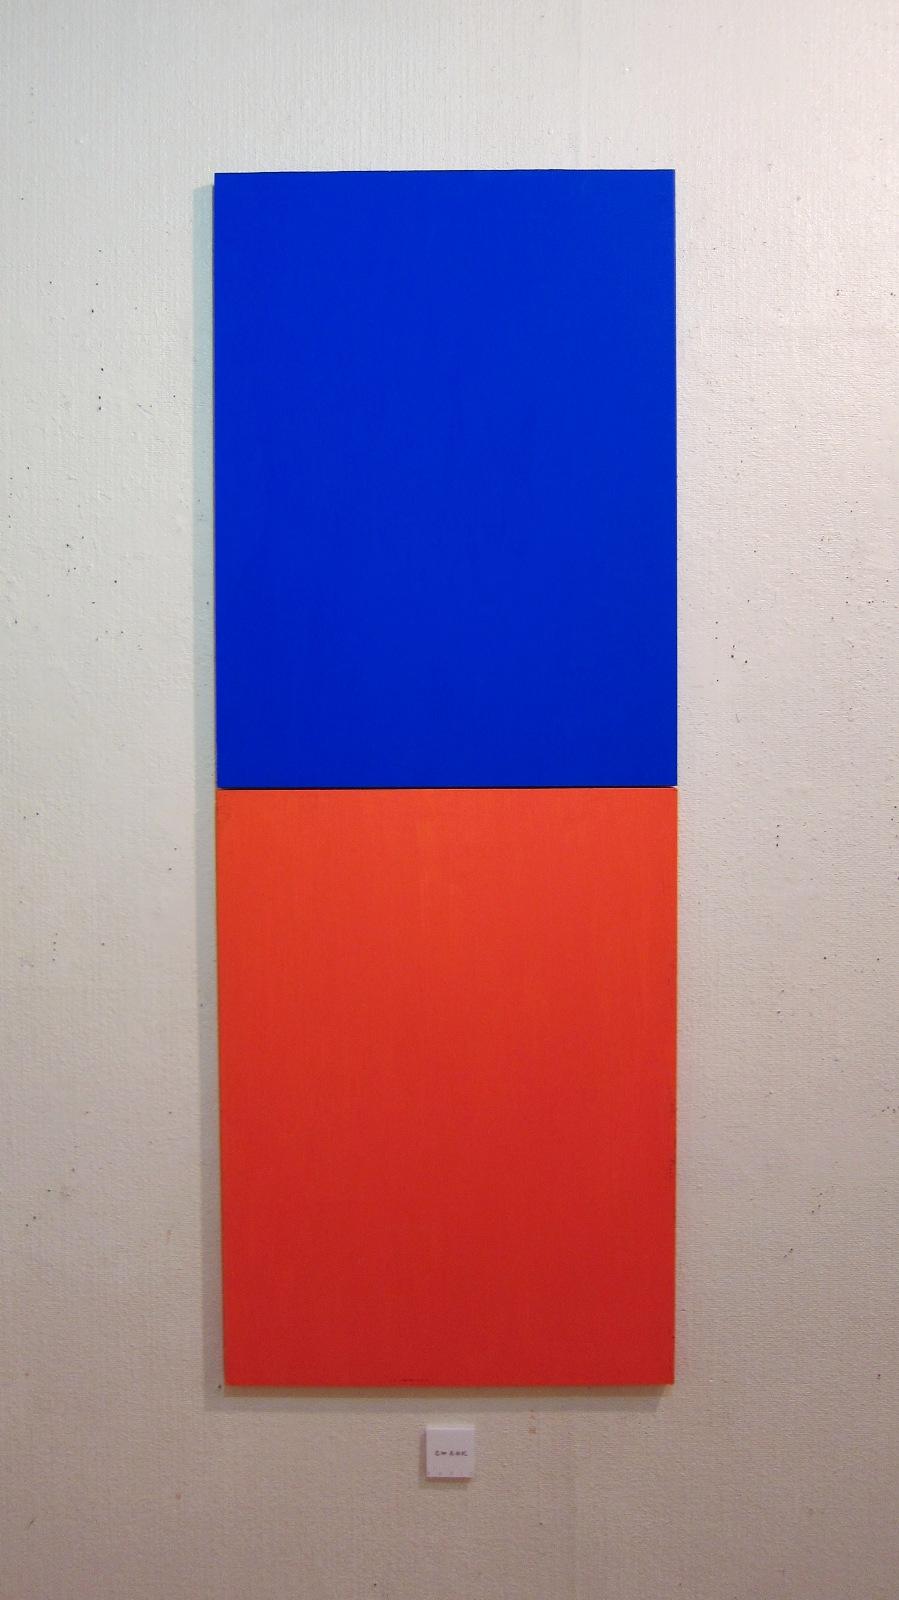 2110)「抽象展 6」 たぴお 7月22日(月)~7月27日(土)_f0126829_19515344.jpg